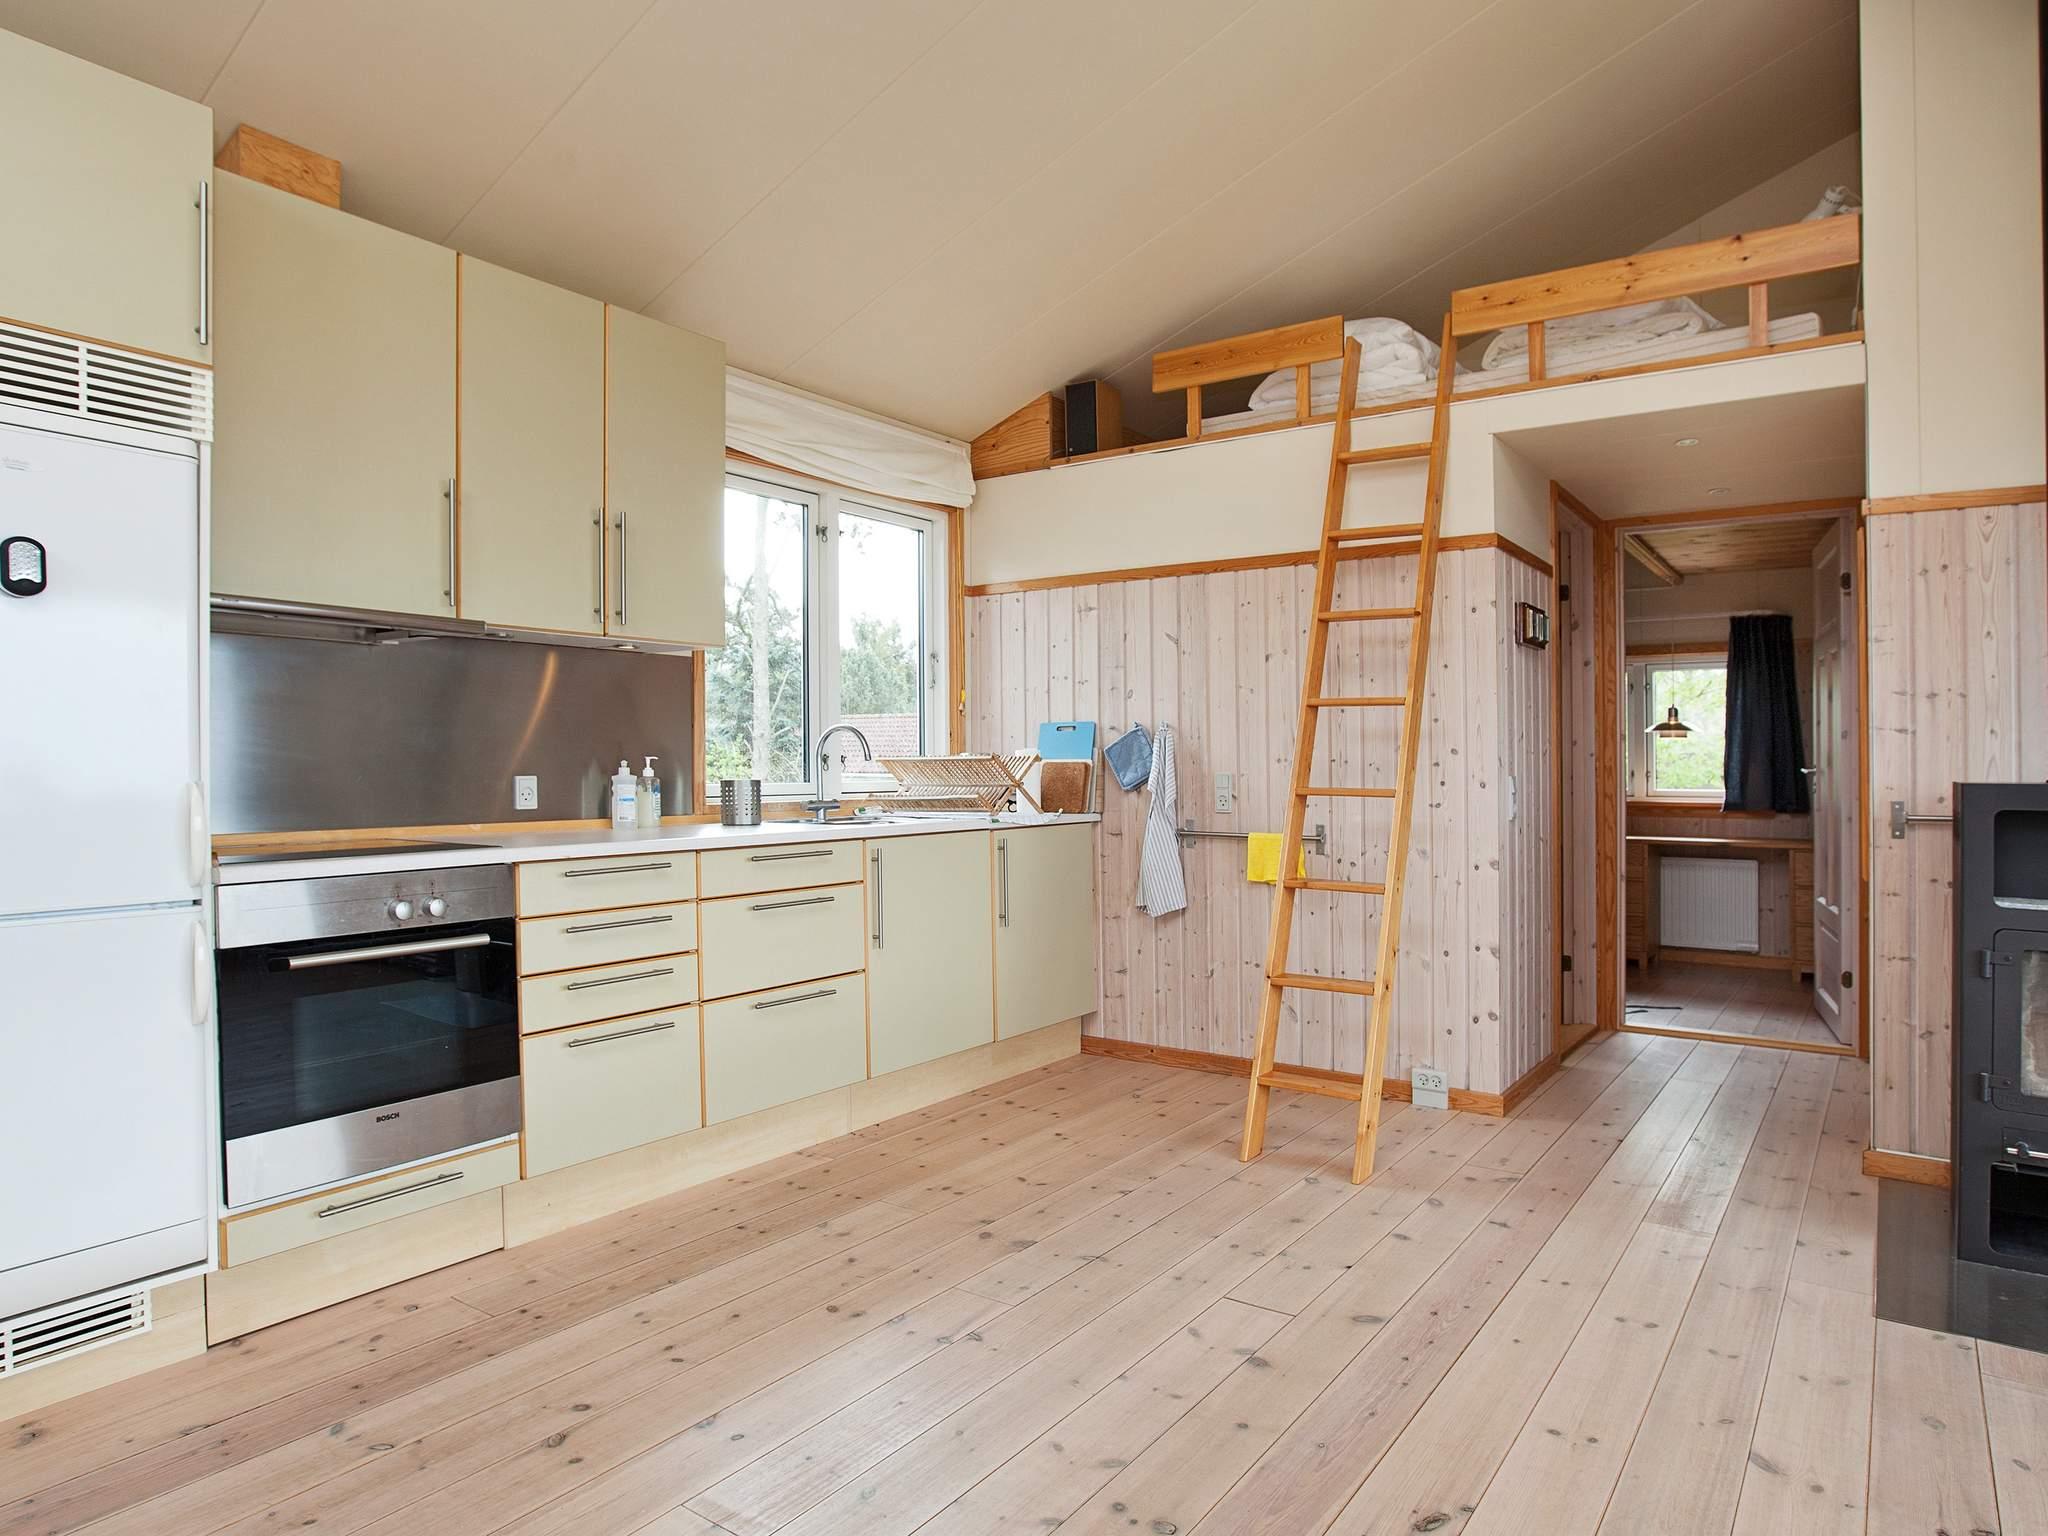 Ferienhaus Veddinge Bakker (2354175), Veddinge, , Westseeland, Dänemark, Bild 2